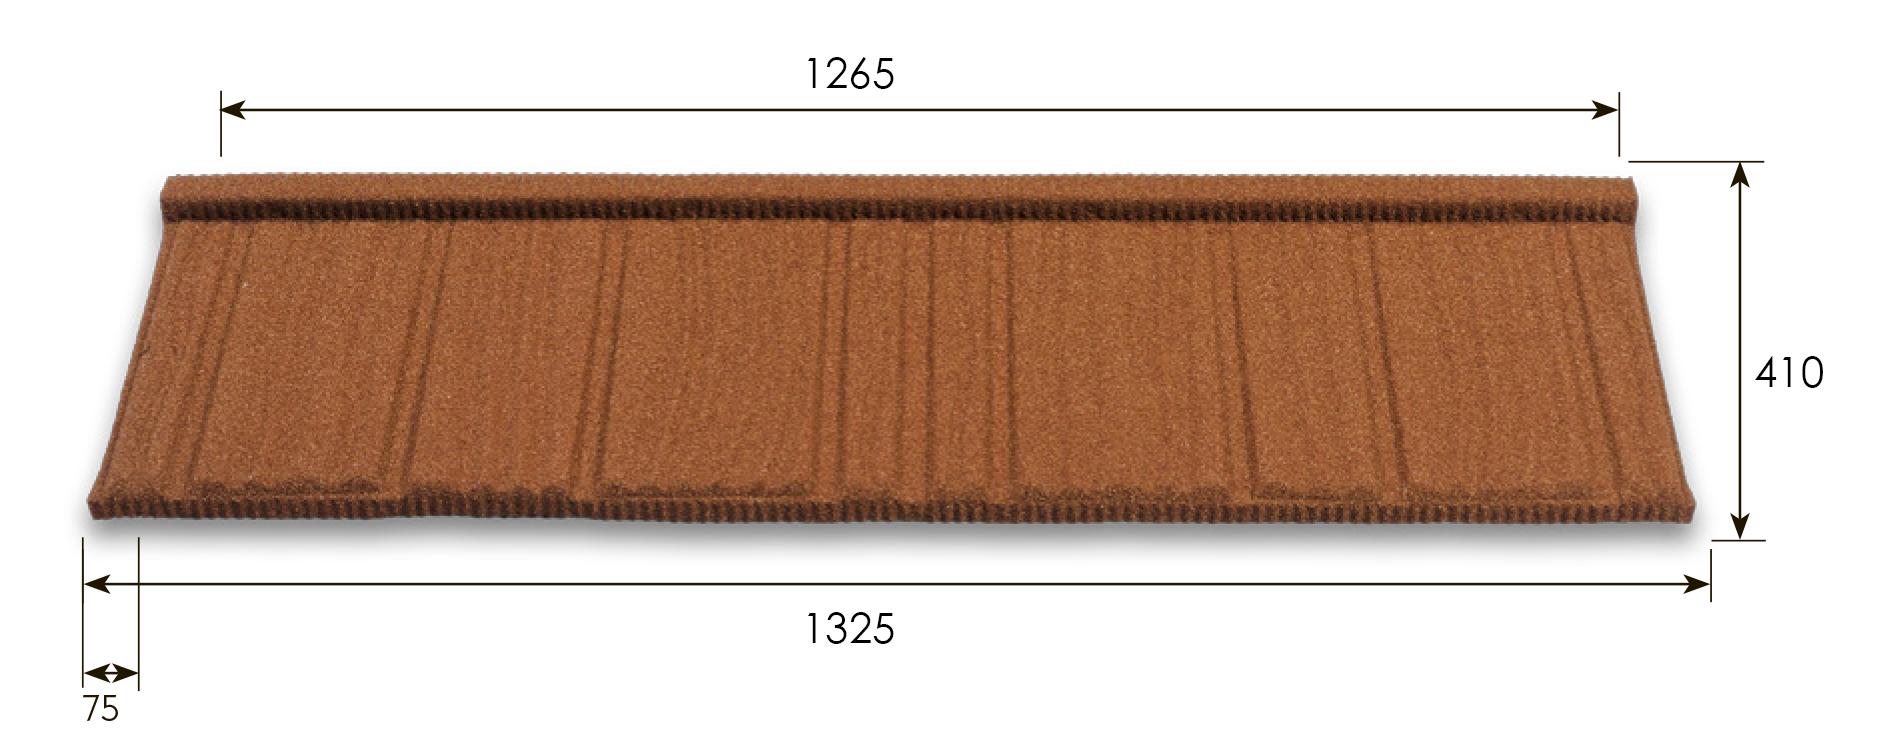 Размеры Metrotile Wood